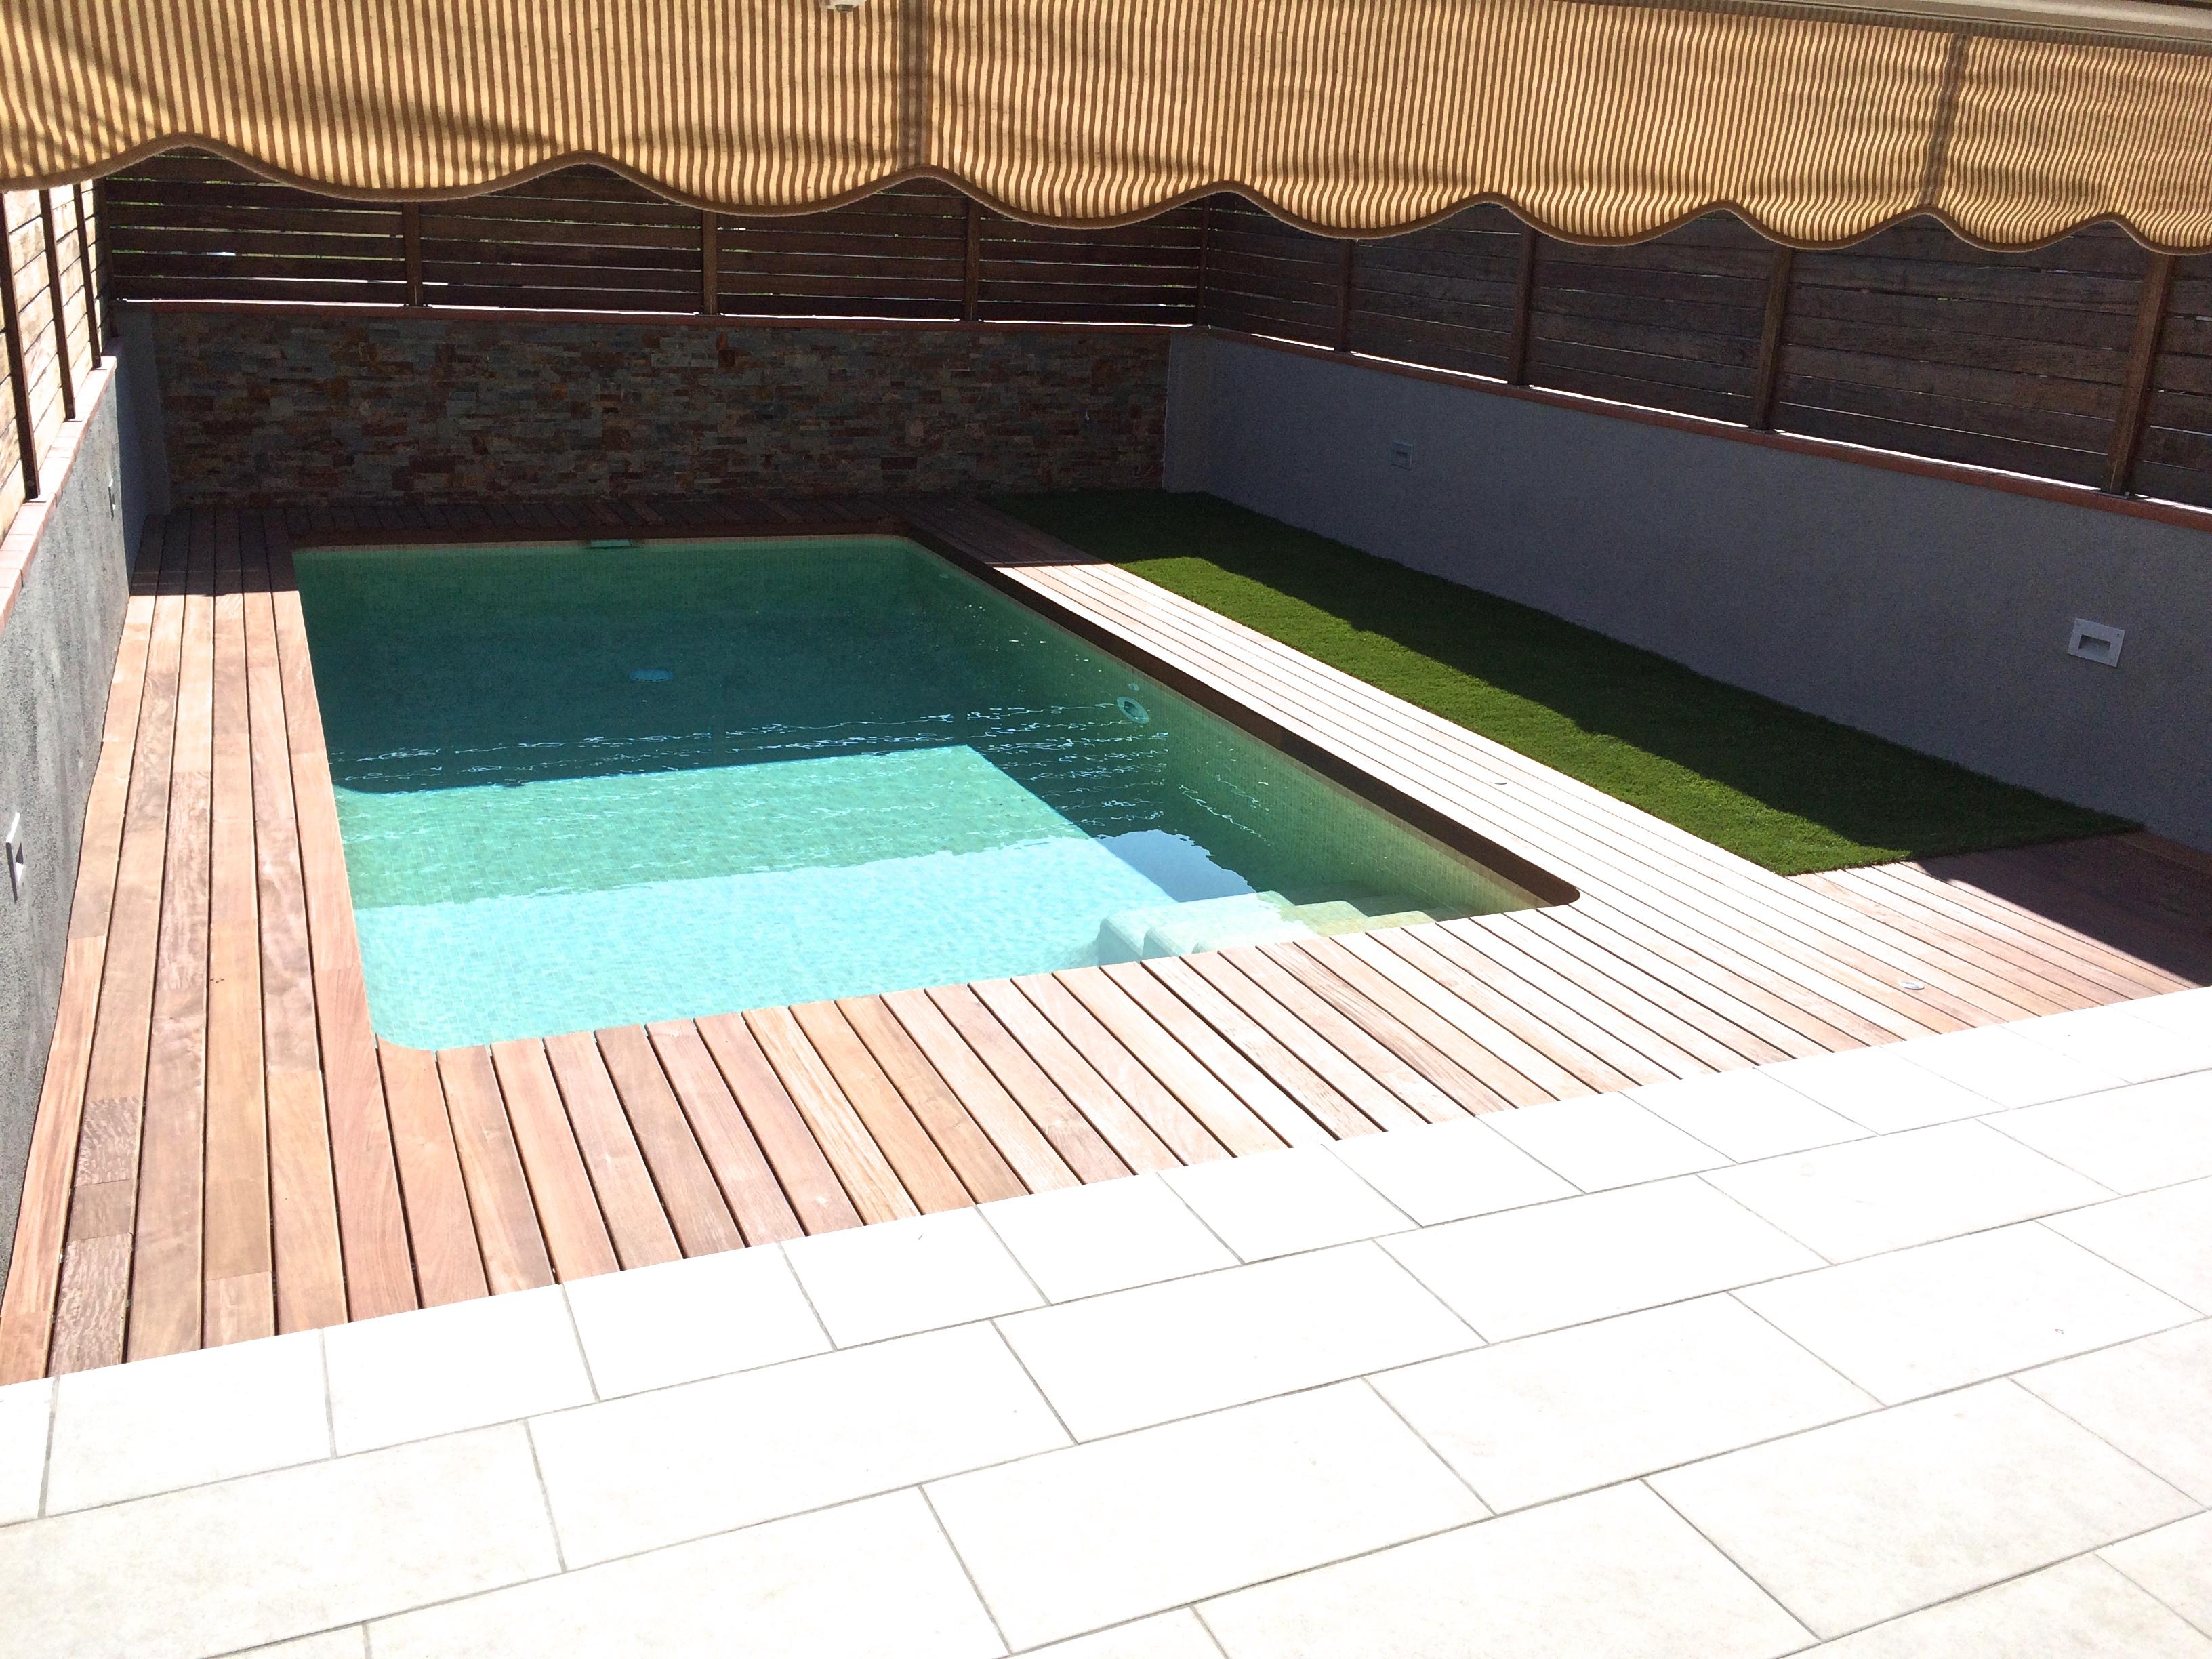 Noticias piscinasaop - Precio grava blanca ...